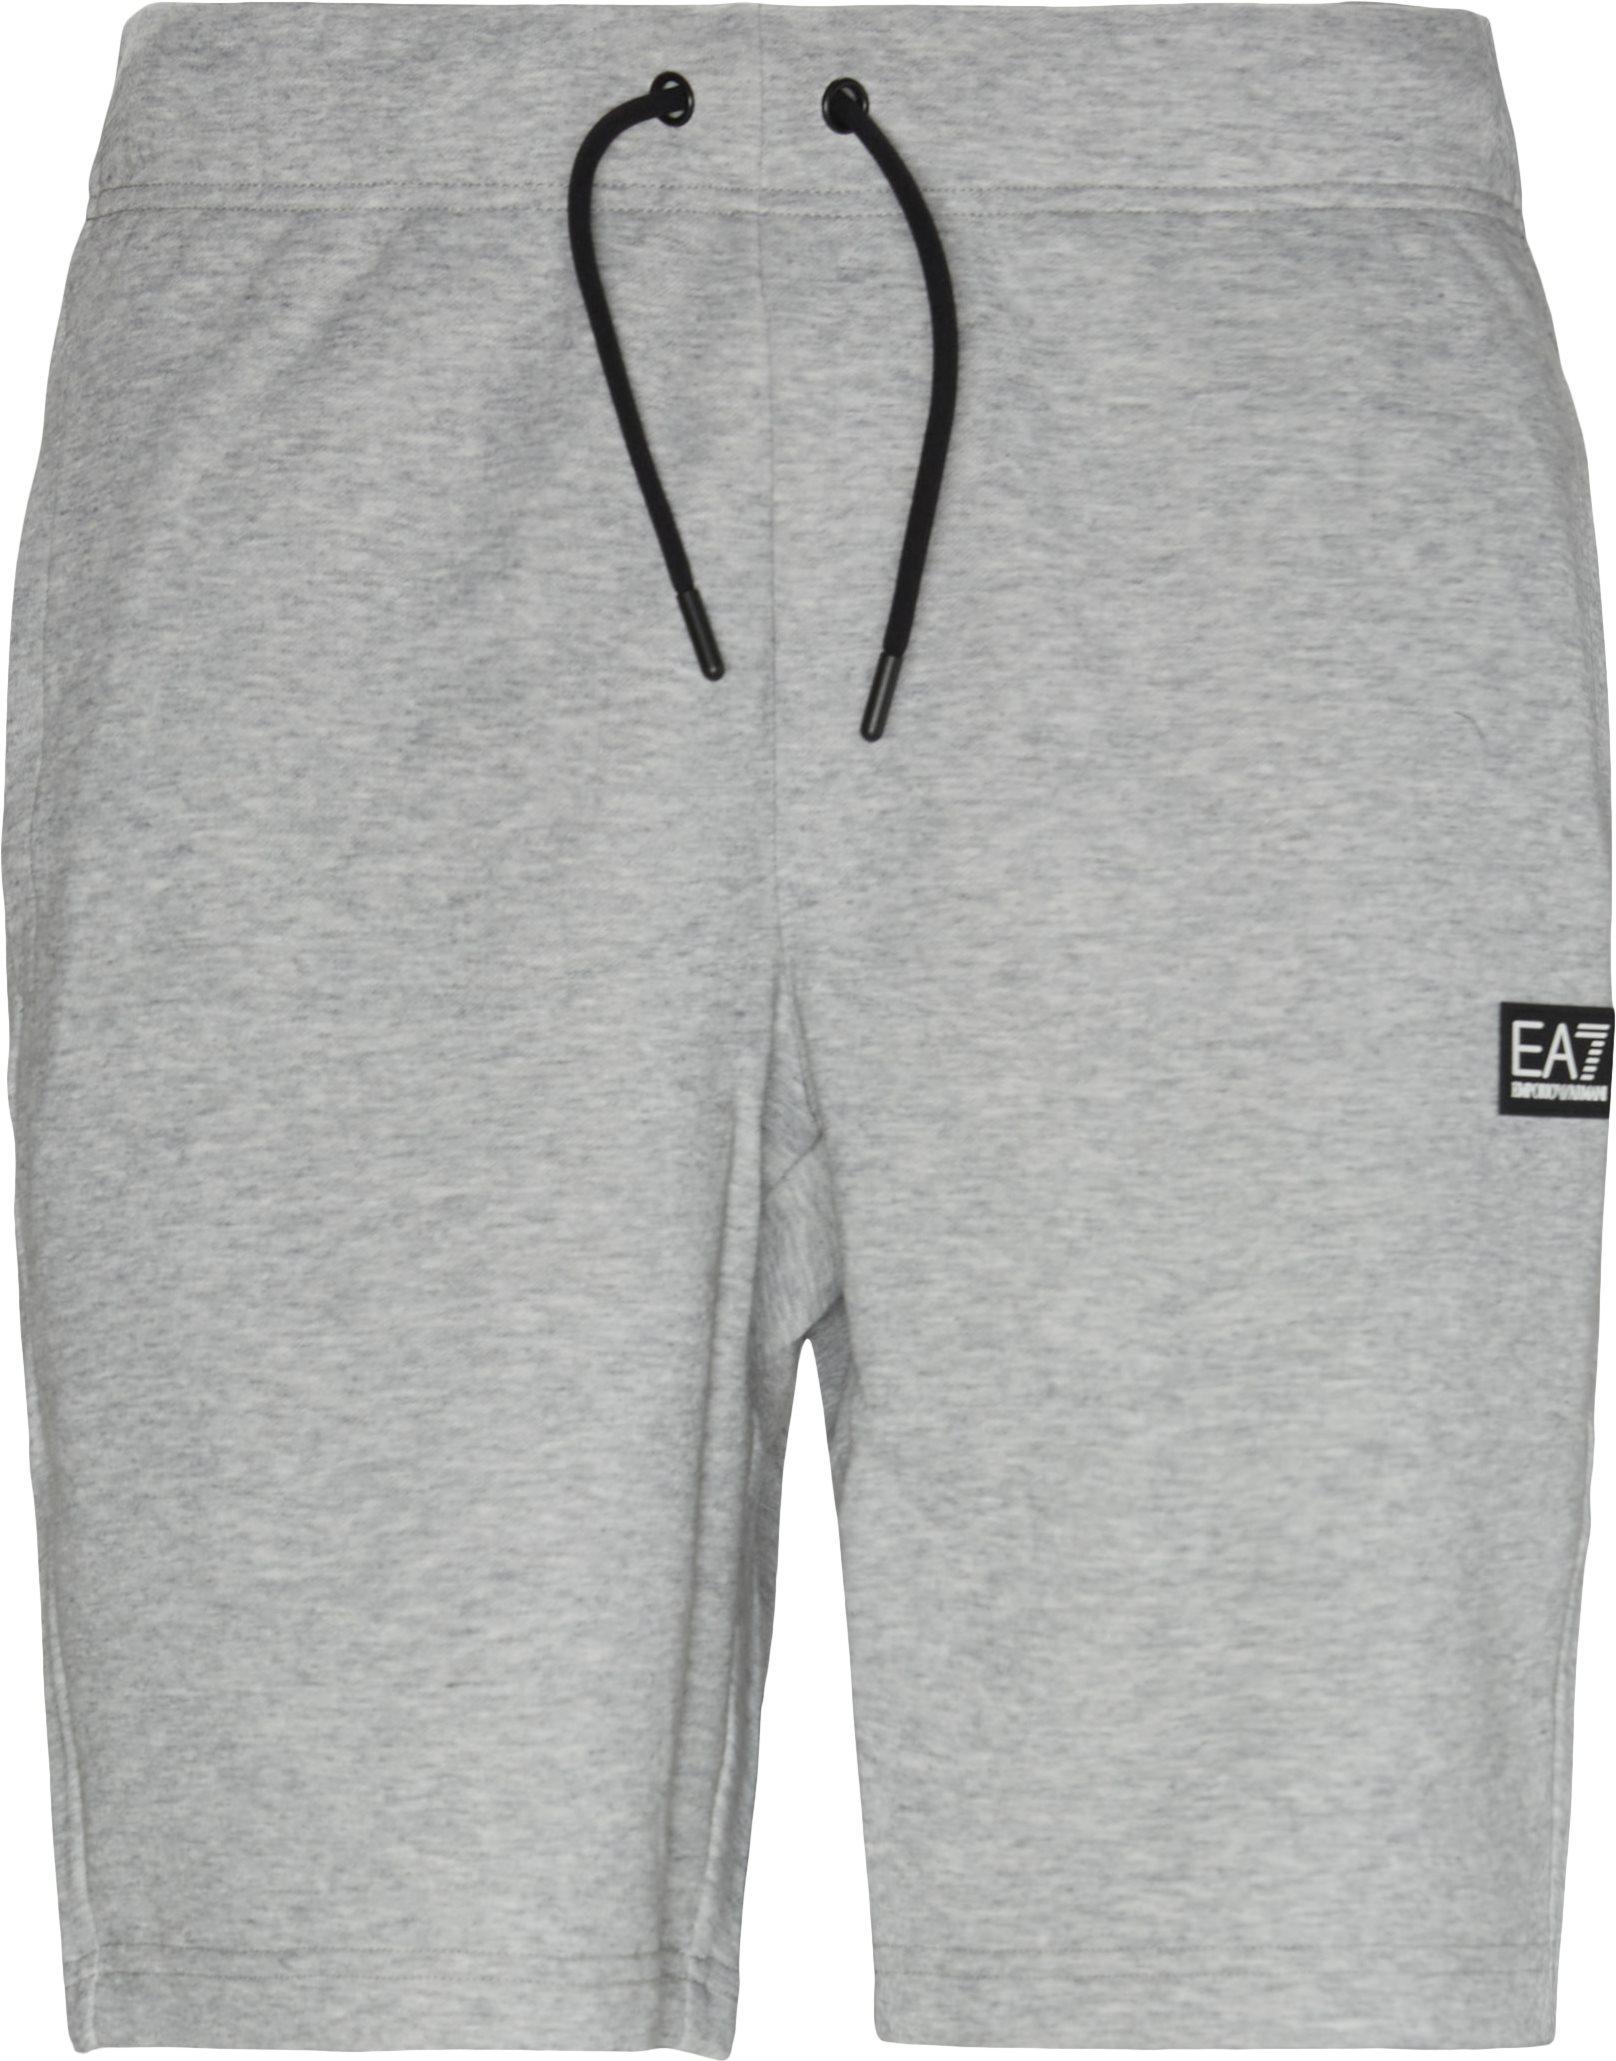 PJF3Z-3KPS82Sweatshorts - Shorts - Regular fit - Grå